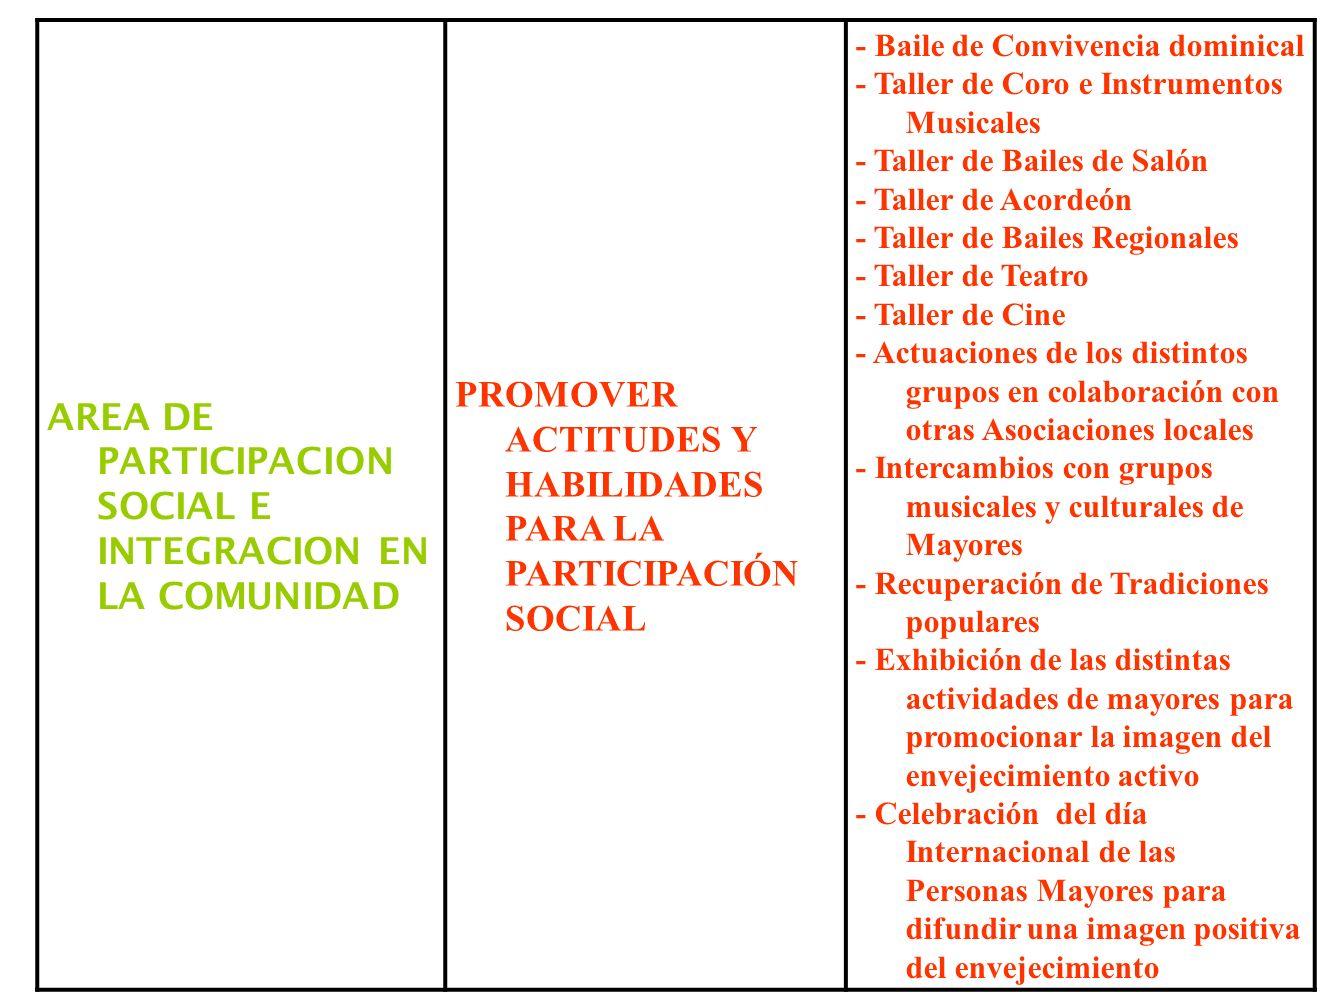 AREA DE EDUCACION, FORMACION Y ACCESO A LAS NUEVAS TECNOLOGÍAS PROGRAMAS CULTURALES Y FORMATIVOS PROGRAMAS DE ACCESO A NUEVAS TECNOLOGÍAS - Club de Le